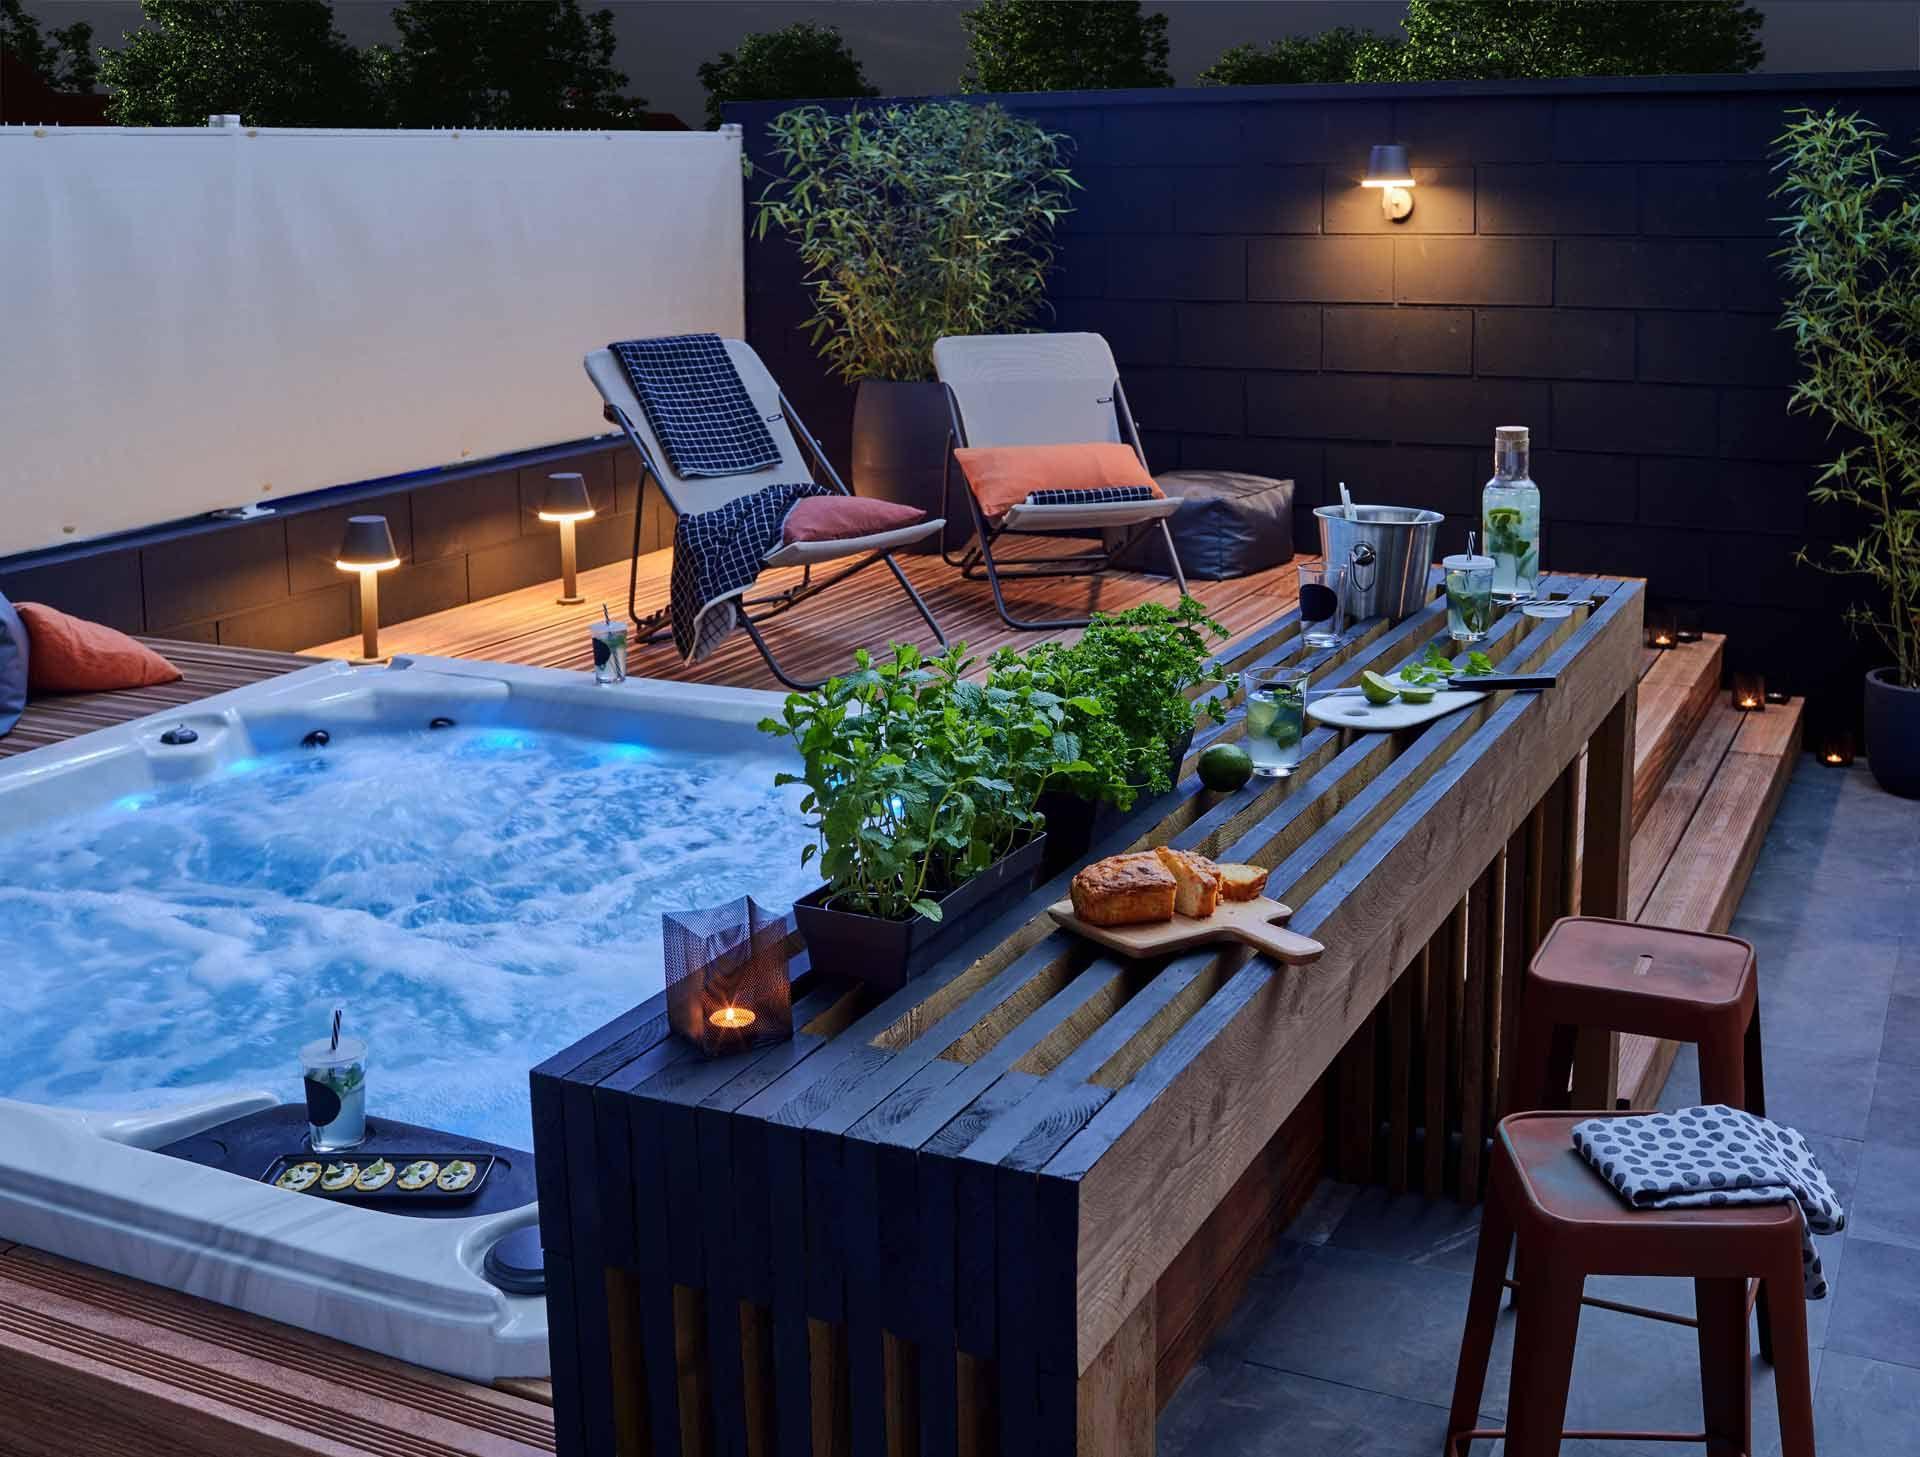 Installer Un Spa Dans son Jardin Luxe Ment Installer Une Cuisine Extérieure D été